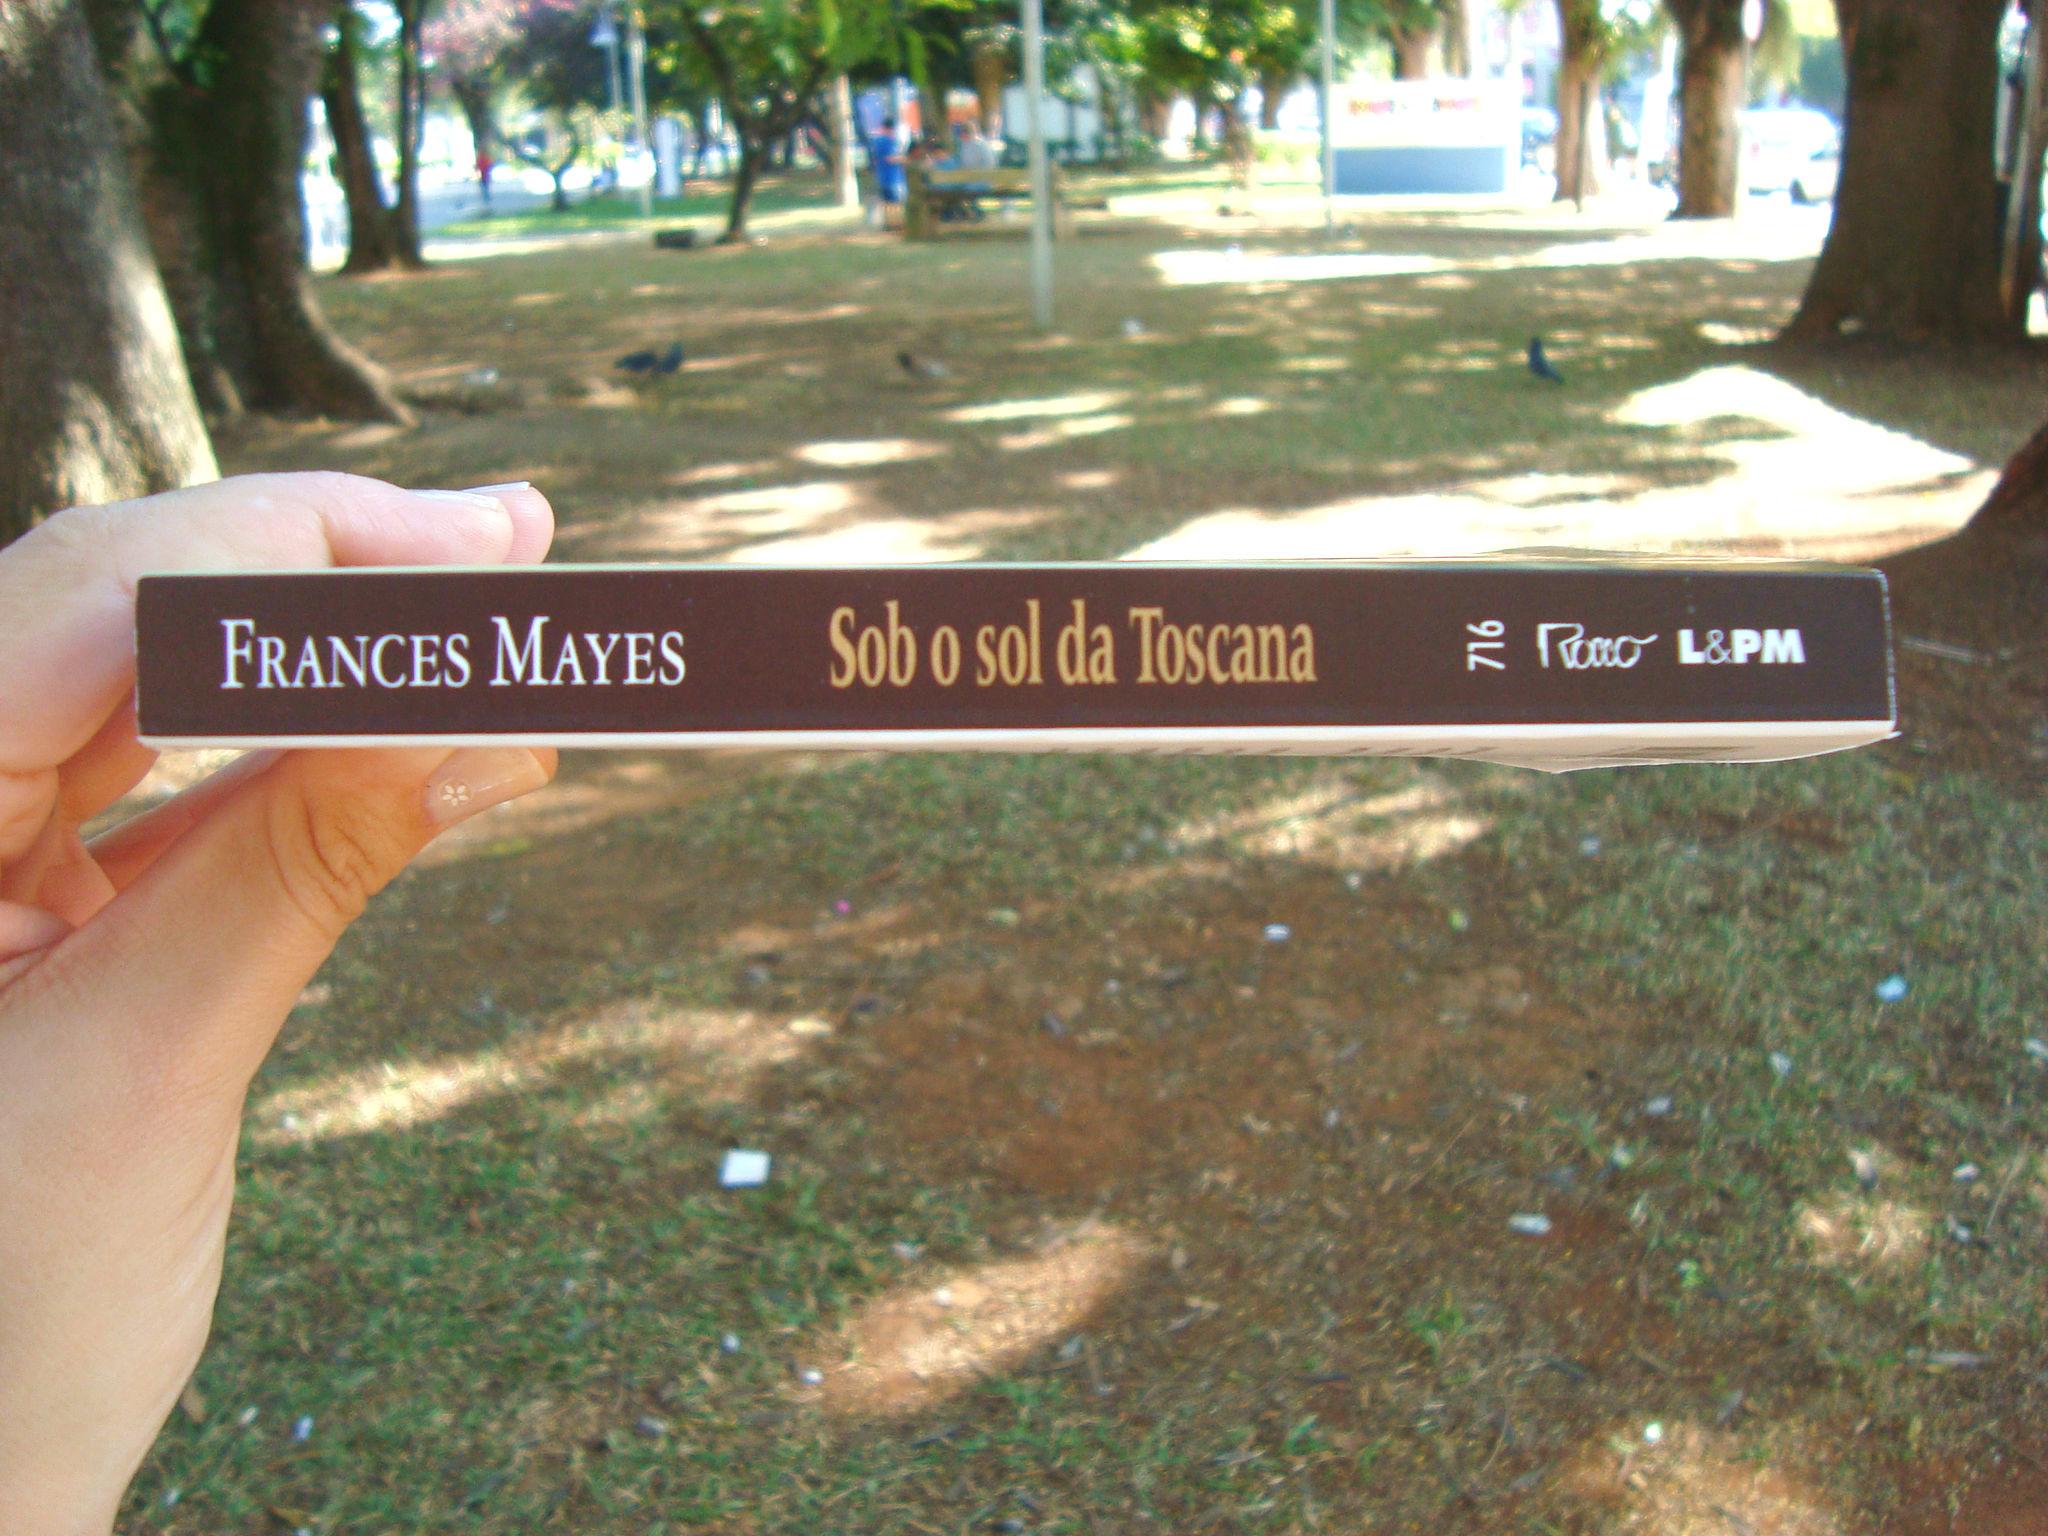 Lombada do livro Sob o sol da Toscana, Frances Mayes